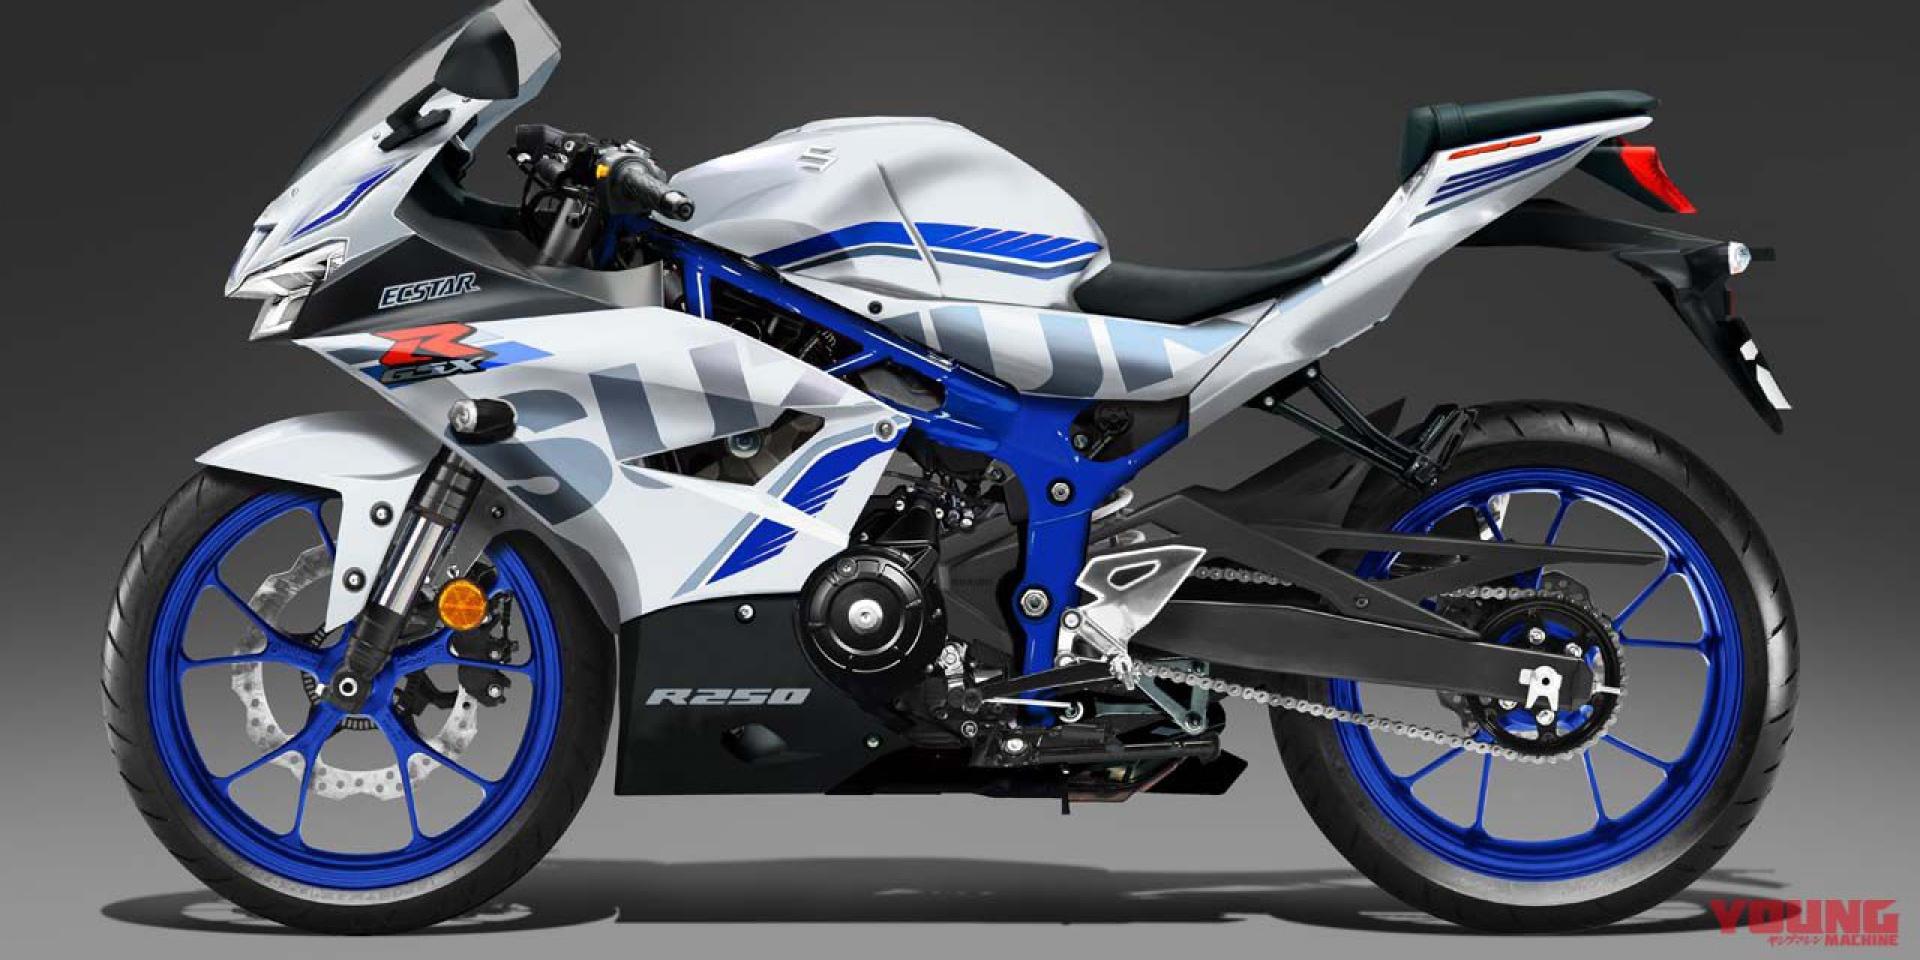 阿魯的逆襲,250王者之爭即將開打。Suzuki專利文件分析,GSX-R250即將現身?